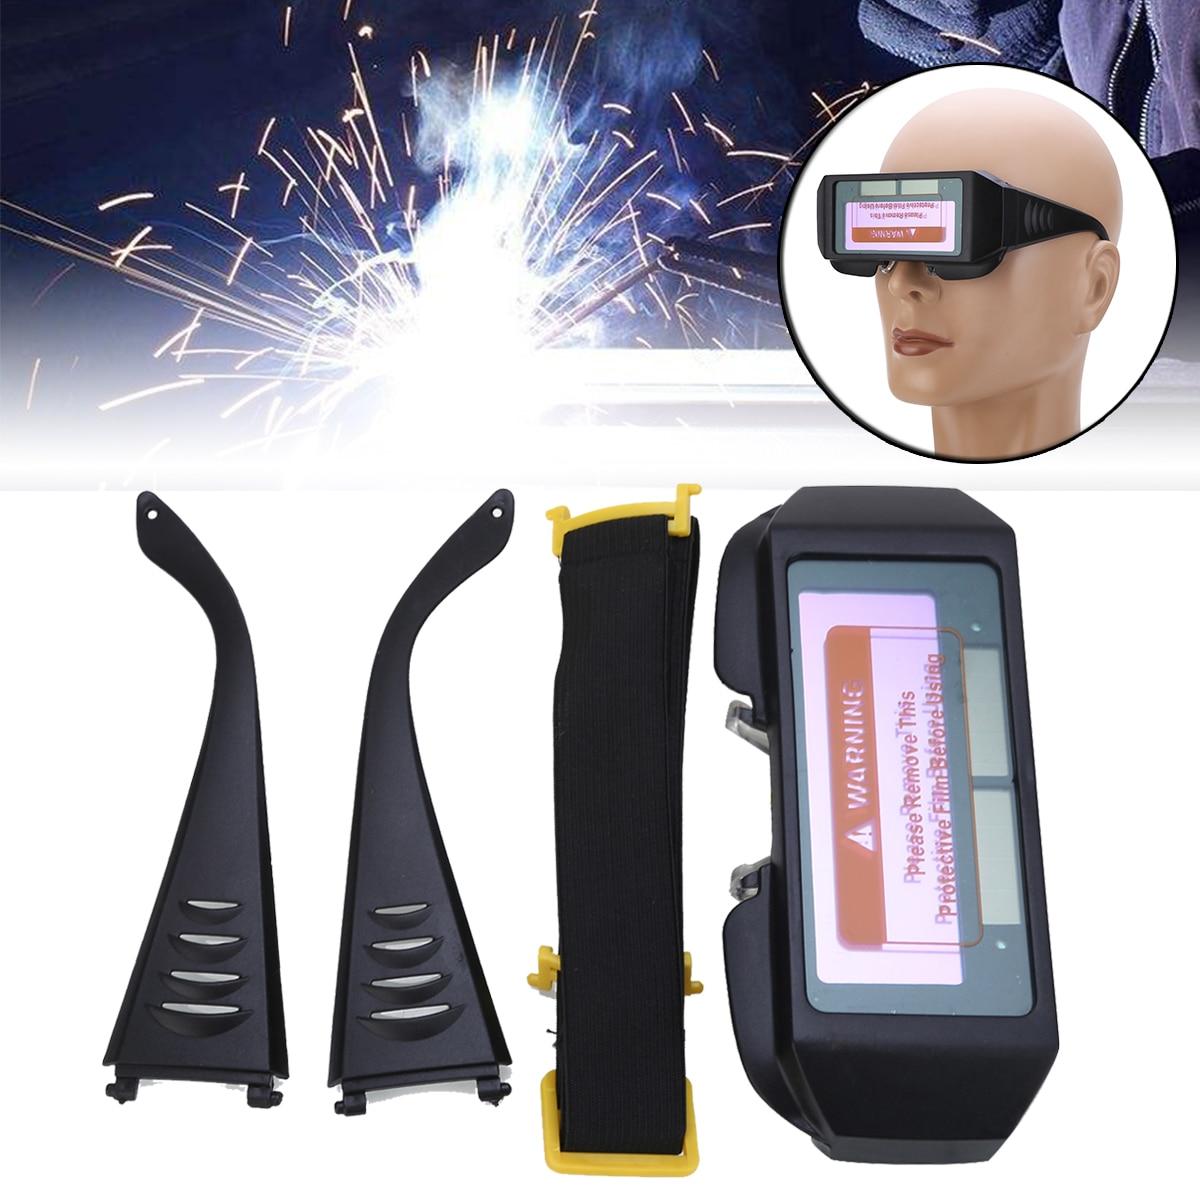 Nuevo Solar automático Máscara de Soldadura oscurecimiento casco ojos gafas soldador gafas de soldadura para soldadura suministros de soldadura